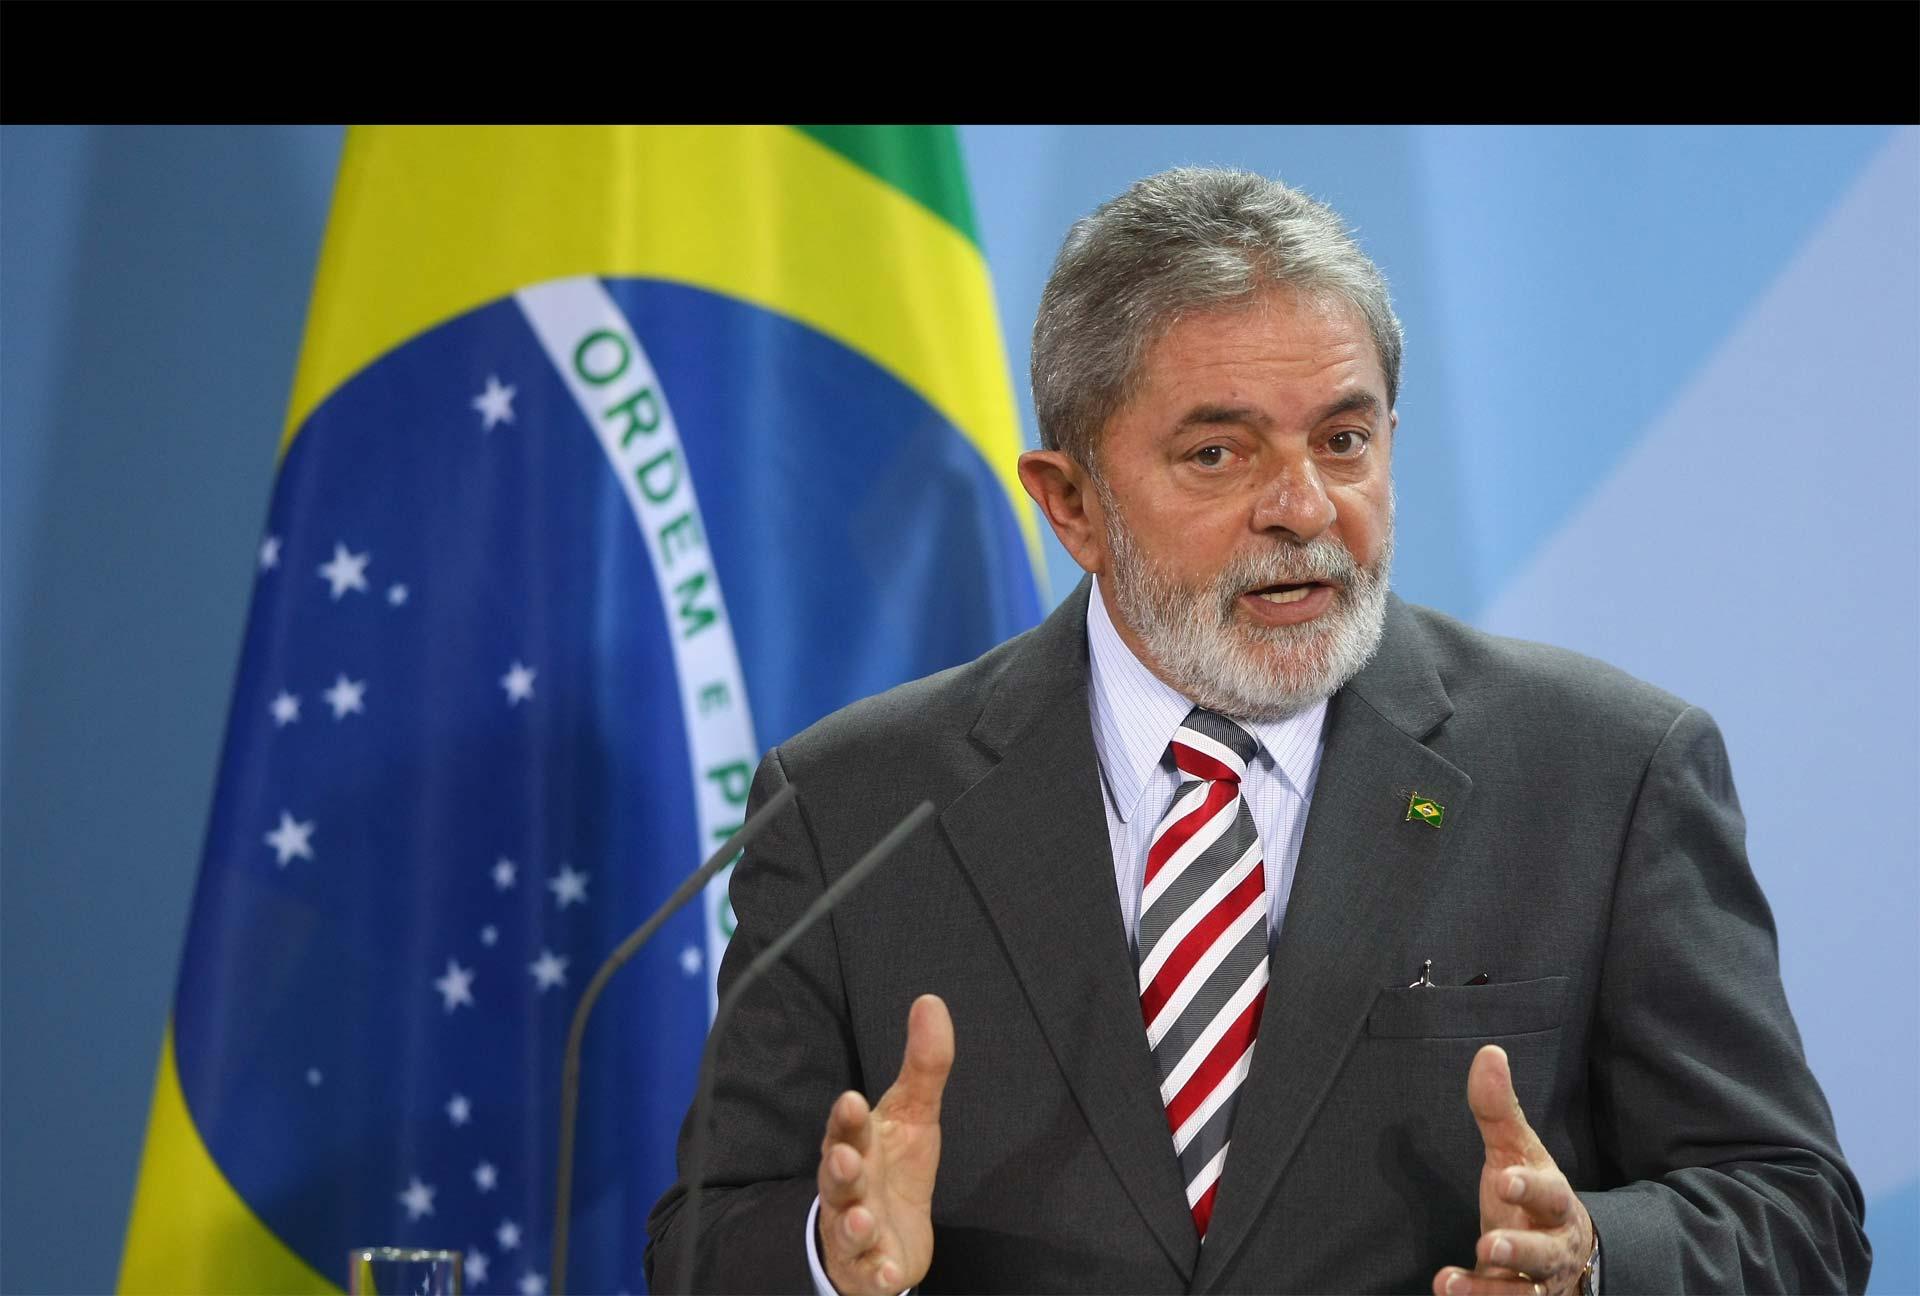 El ex presidente de Brasil ha sido citado por la defensa, en un caso de soborno de la industria automotriz